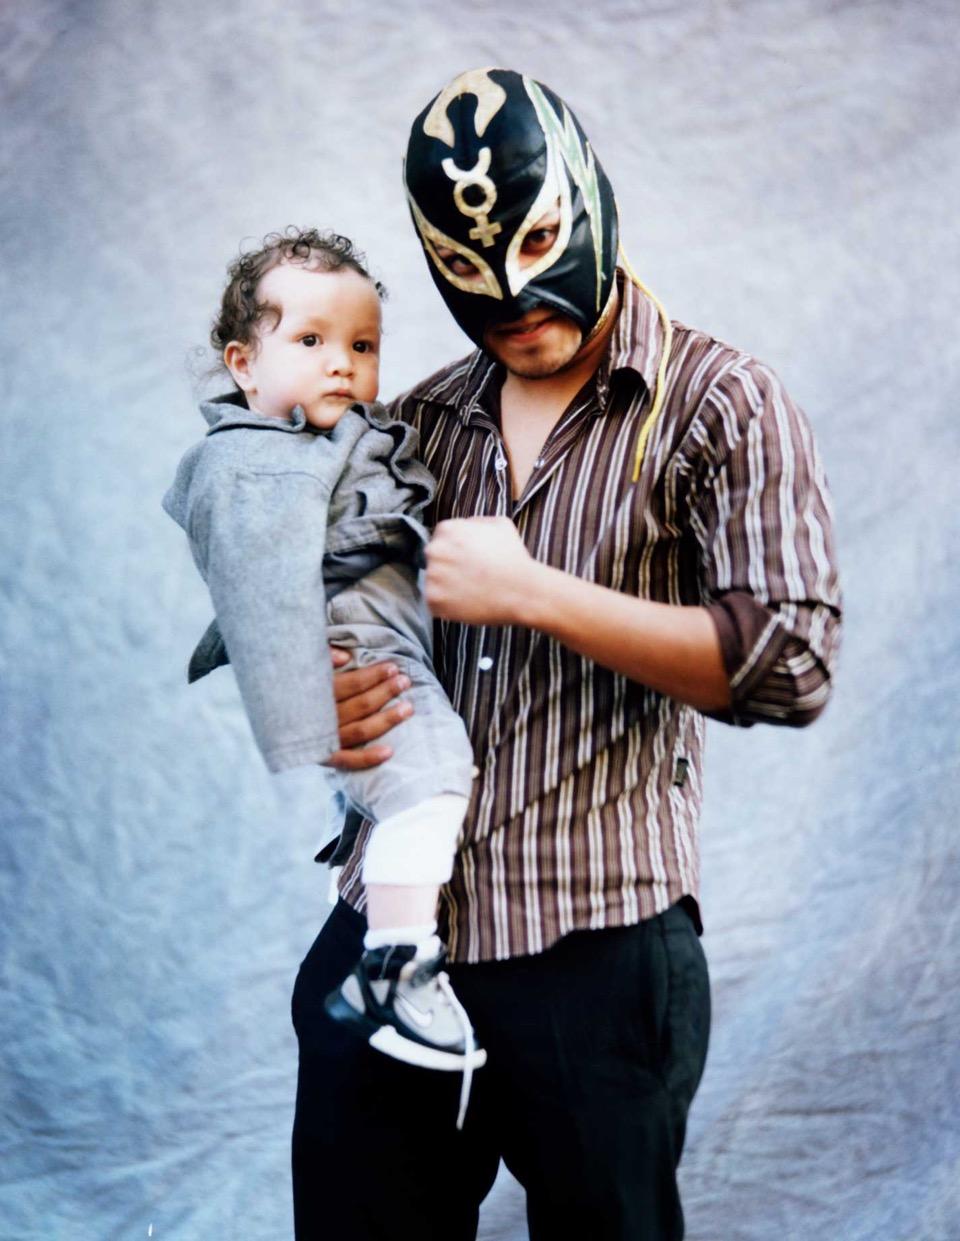 R 8 -lucha_libre_dec_2011_045.jpeg